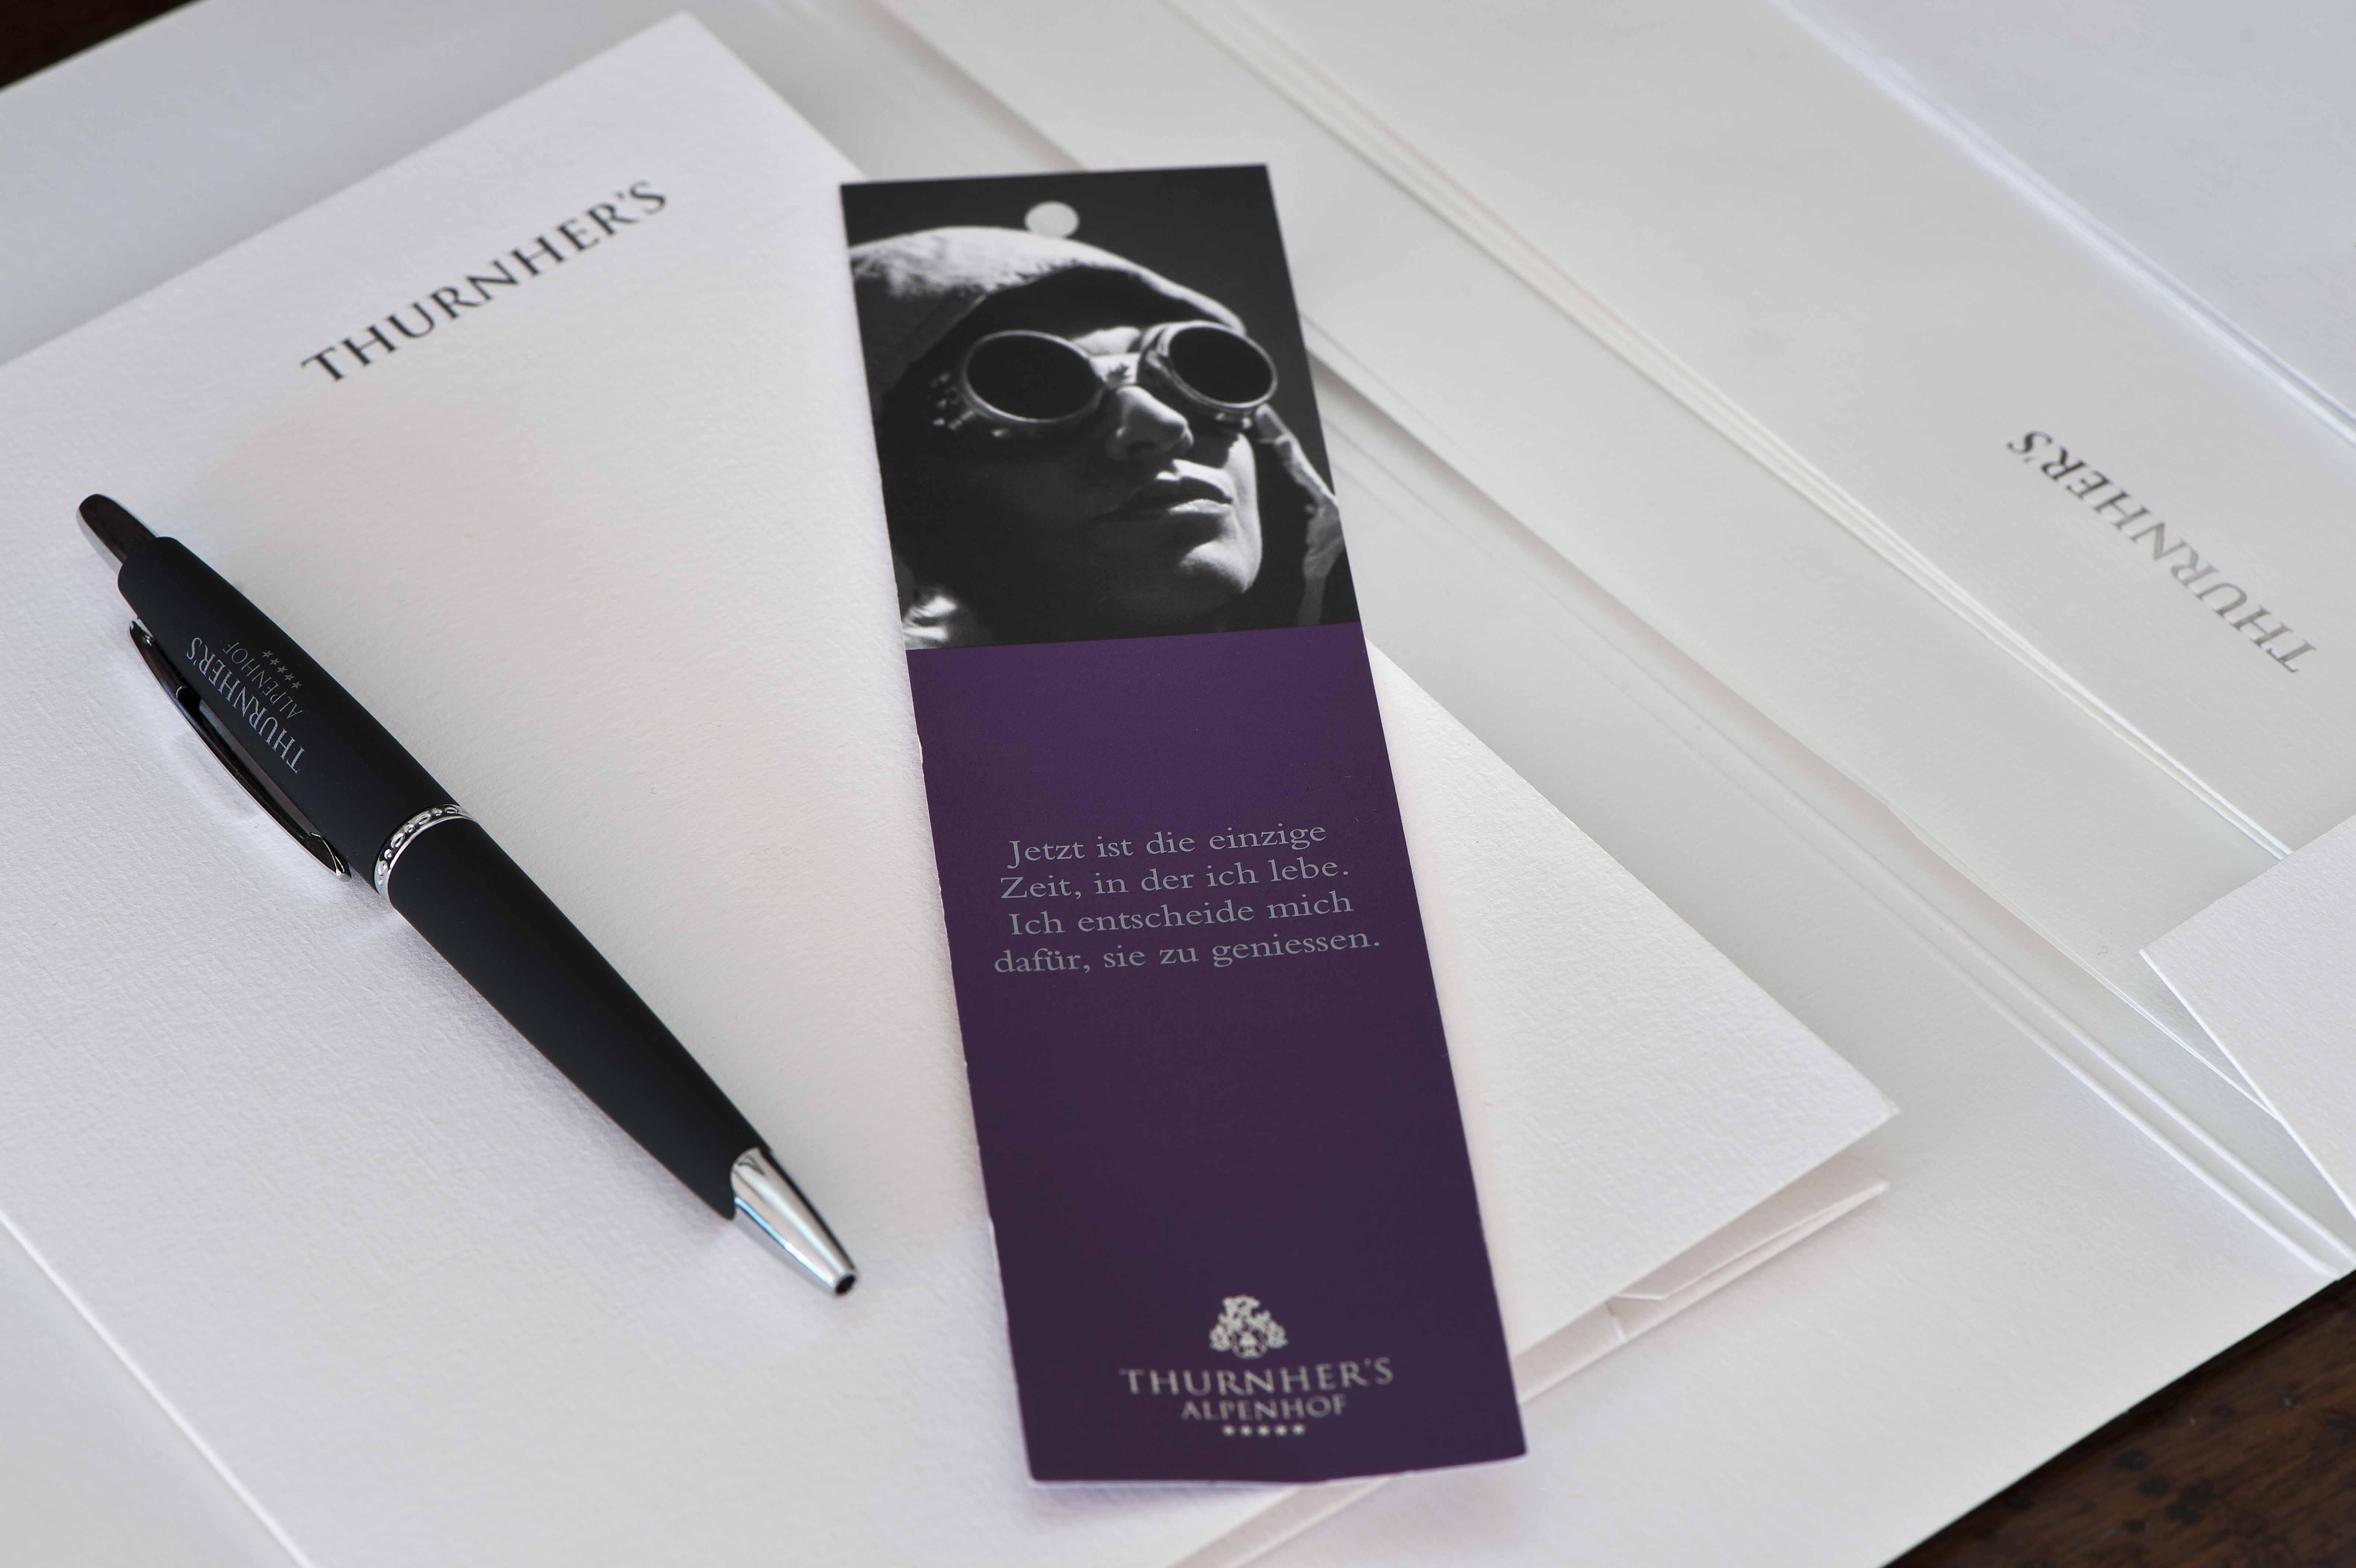 Lesezeichen, Kugelschreiber und Notizblock des Thurnher's Alpenhof